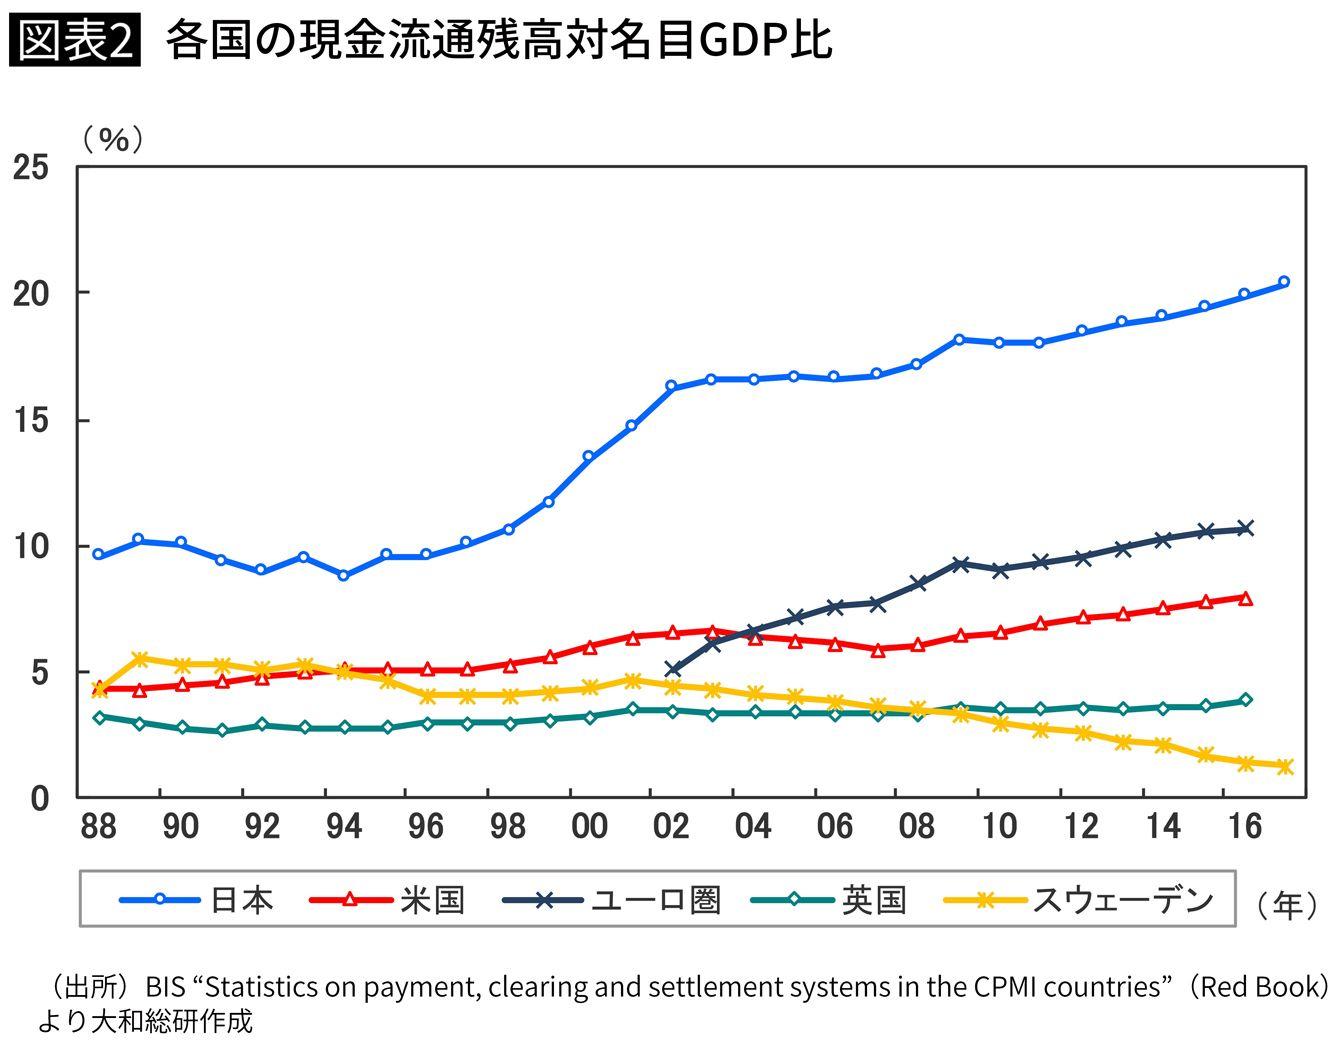 各国の現金流通残高対名目GDP比